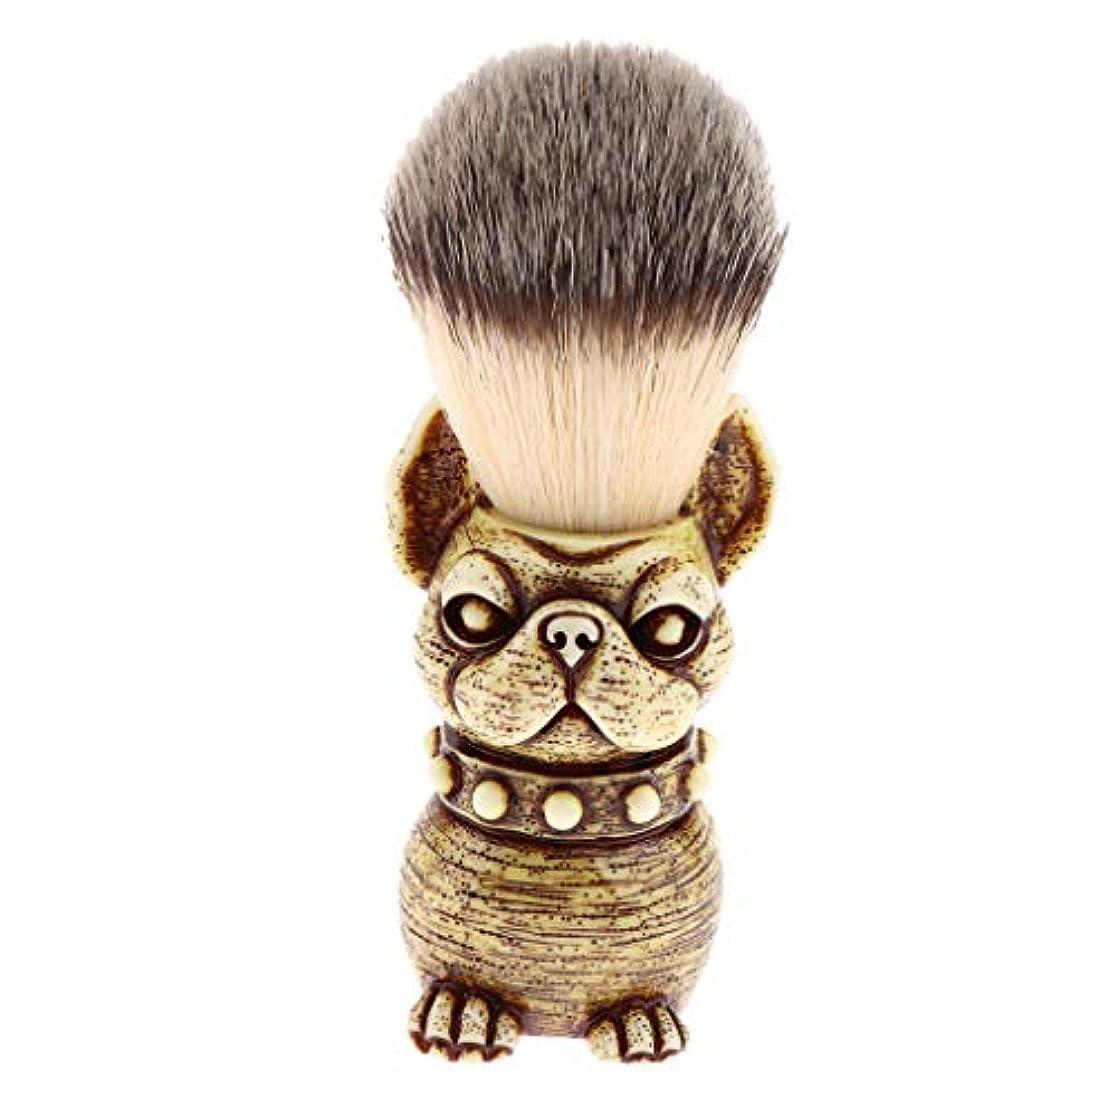 退院液化するスキャン人の理髪師の剃ること、子犬の形のための樹脂のハンドルアナグマの毛の剃るブラシ